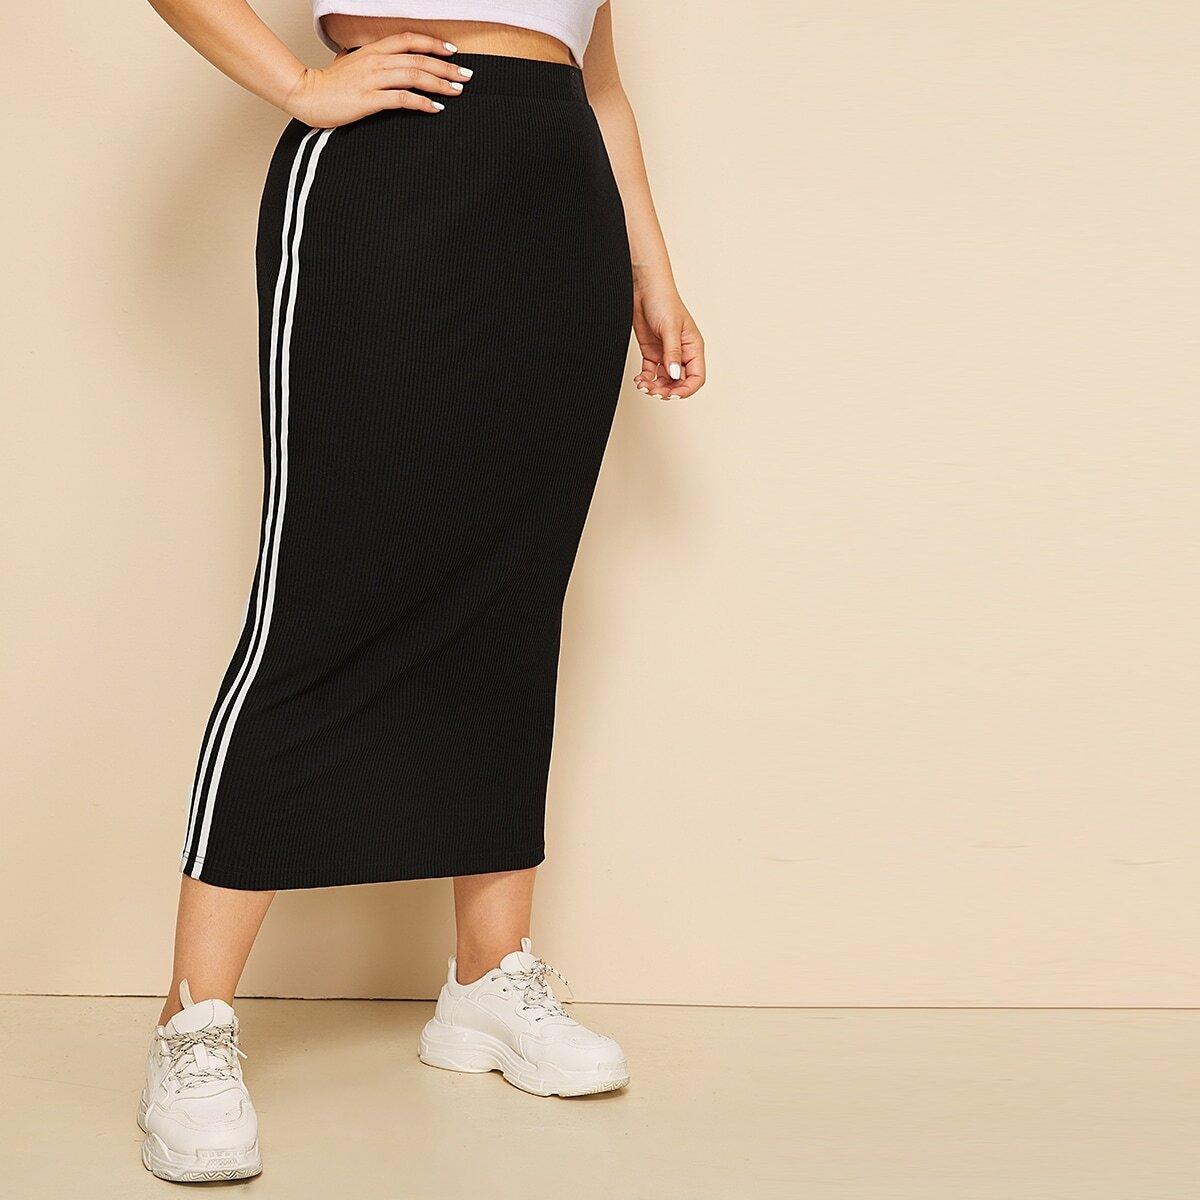 Ребристая юбка-карандаш с полосатой лентой сбоку размера плюс